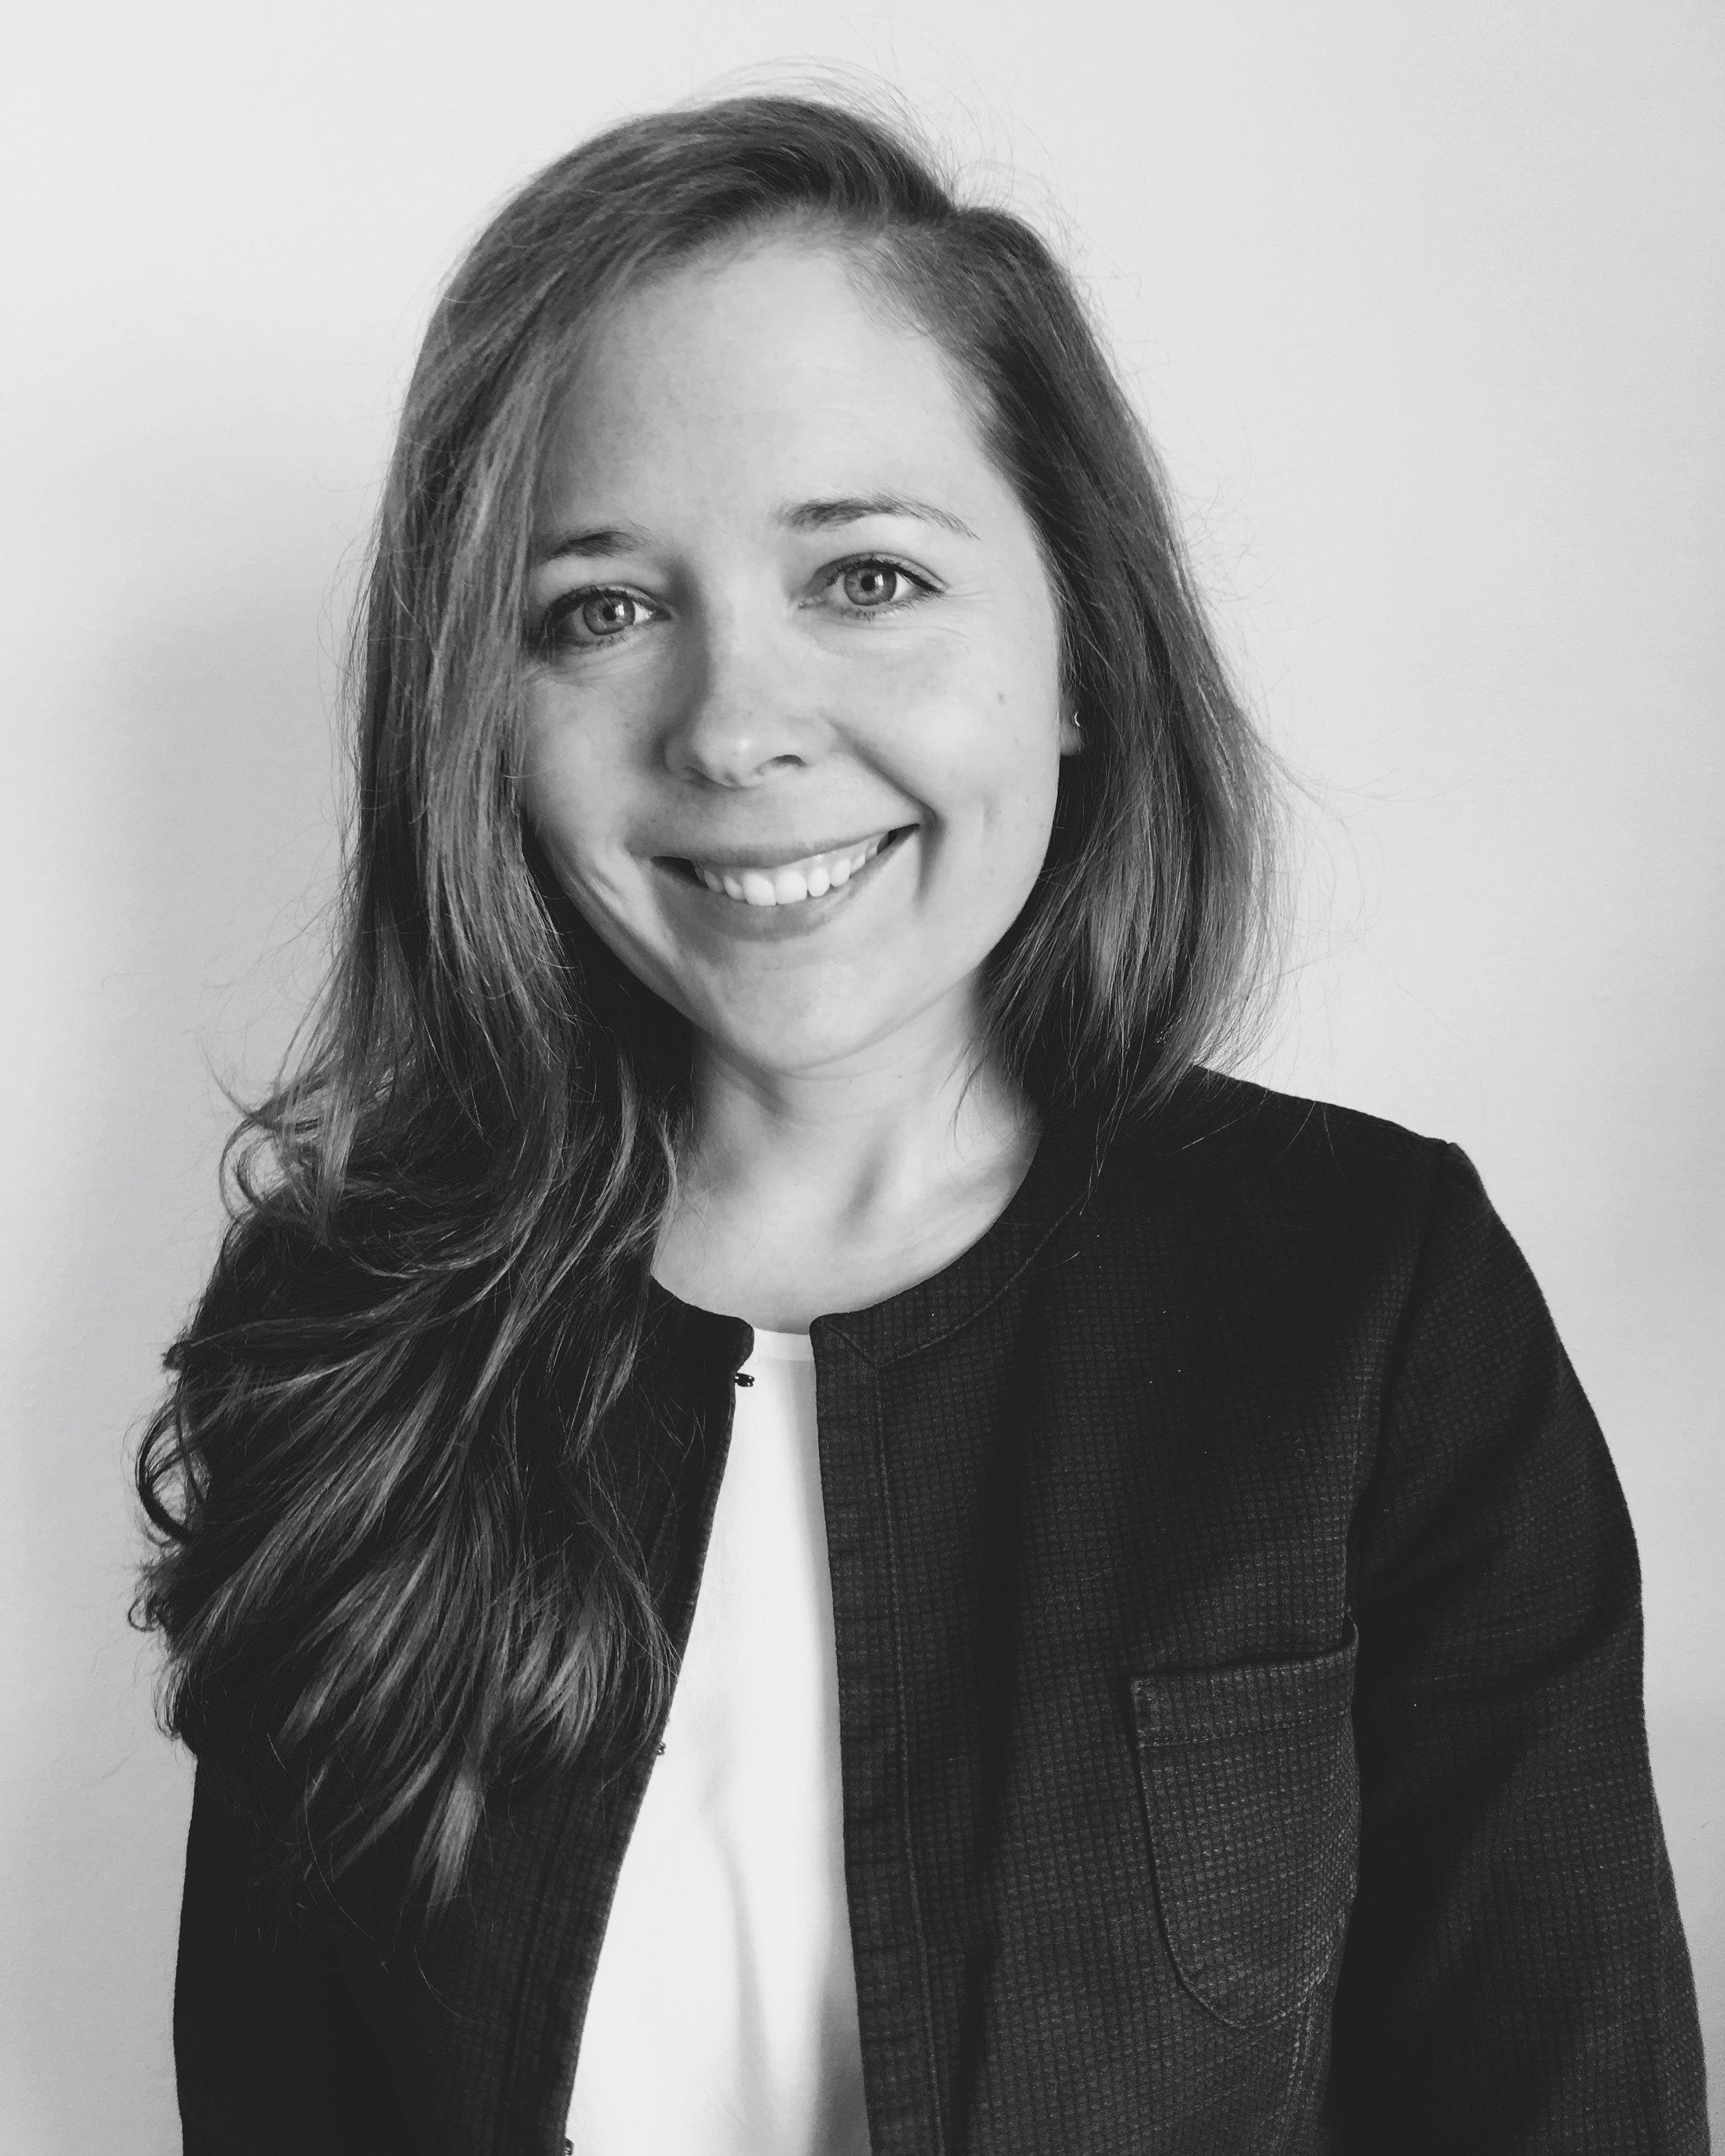 Laura Key Account  Ich liebe es Dinge zu hinterfragen, nachhaltige Ideen weiterzudenken und voranzubringen. Bei RECUP bin ich Teil eines tollen Teams und kann ein deutschlandweites Nachhaltigkeits-Netz spinnen – bis niemand mehr Pappbecher benutzt!